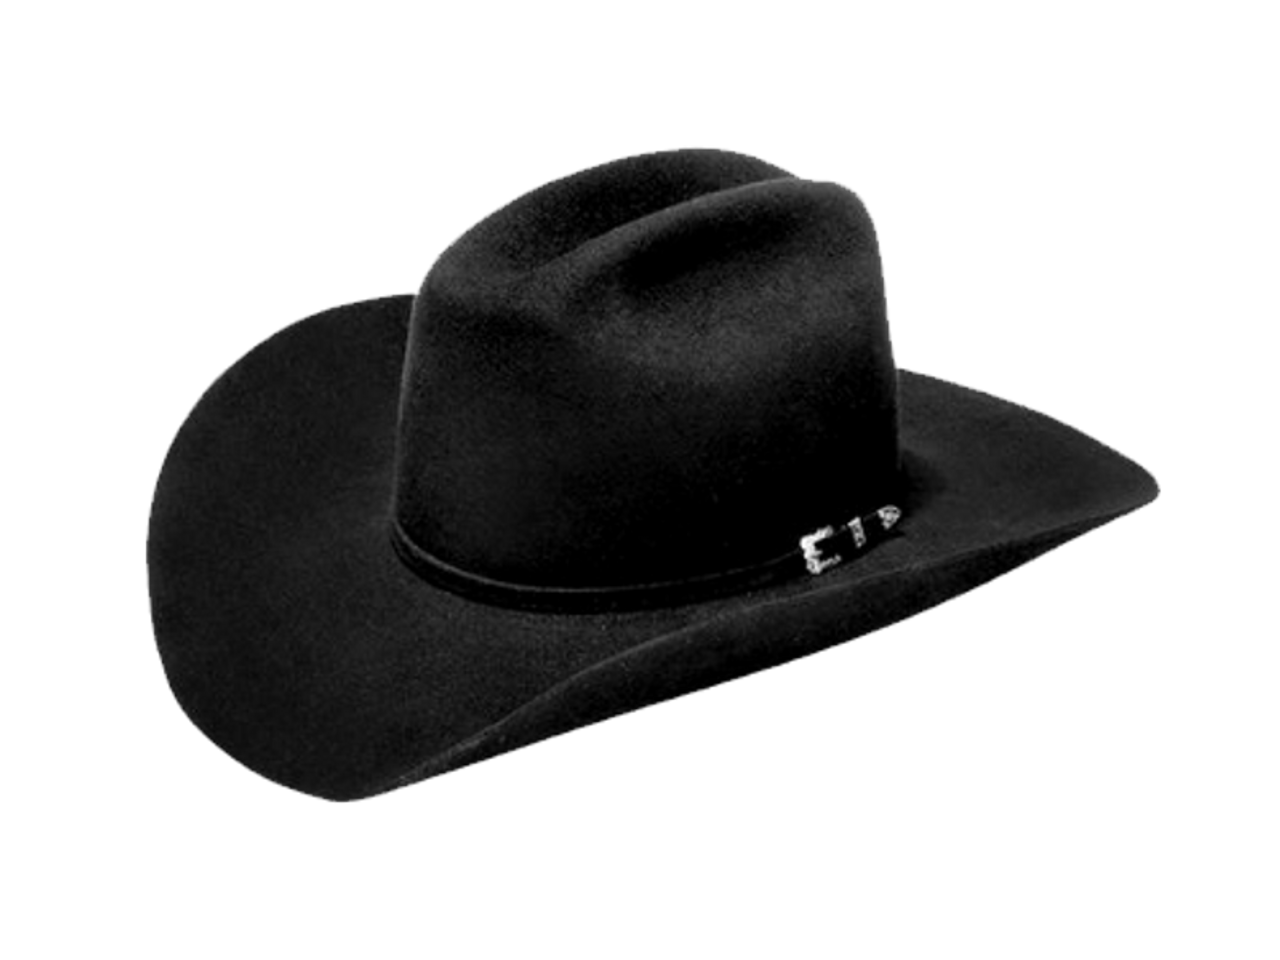 Master Hatters of Texas Denton 3X Black Felt Cowboy Hat 23848bb02d0d